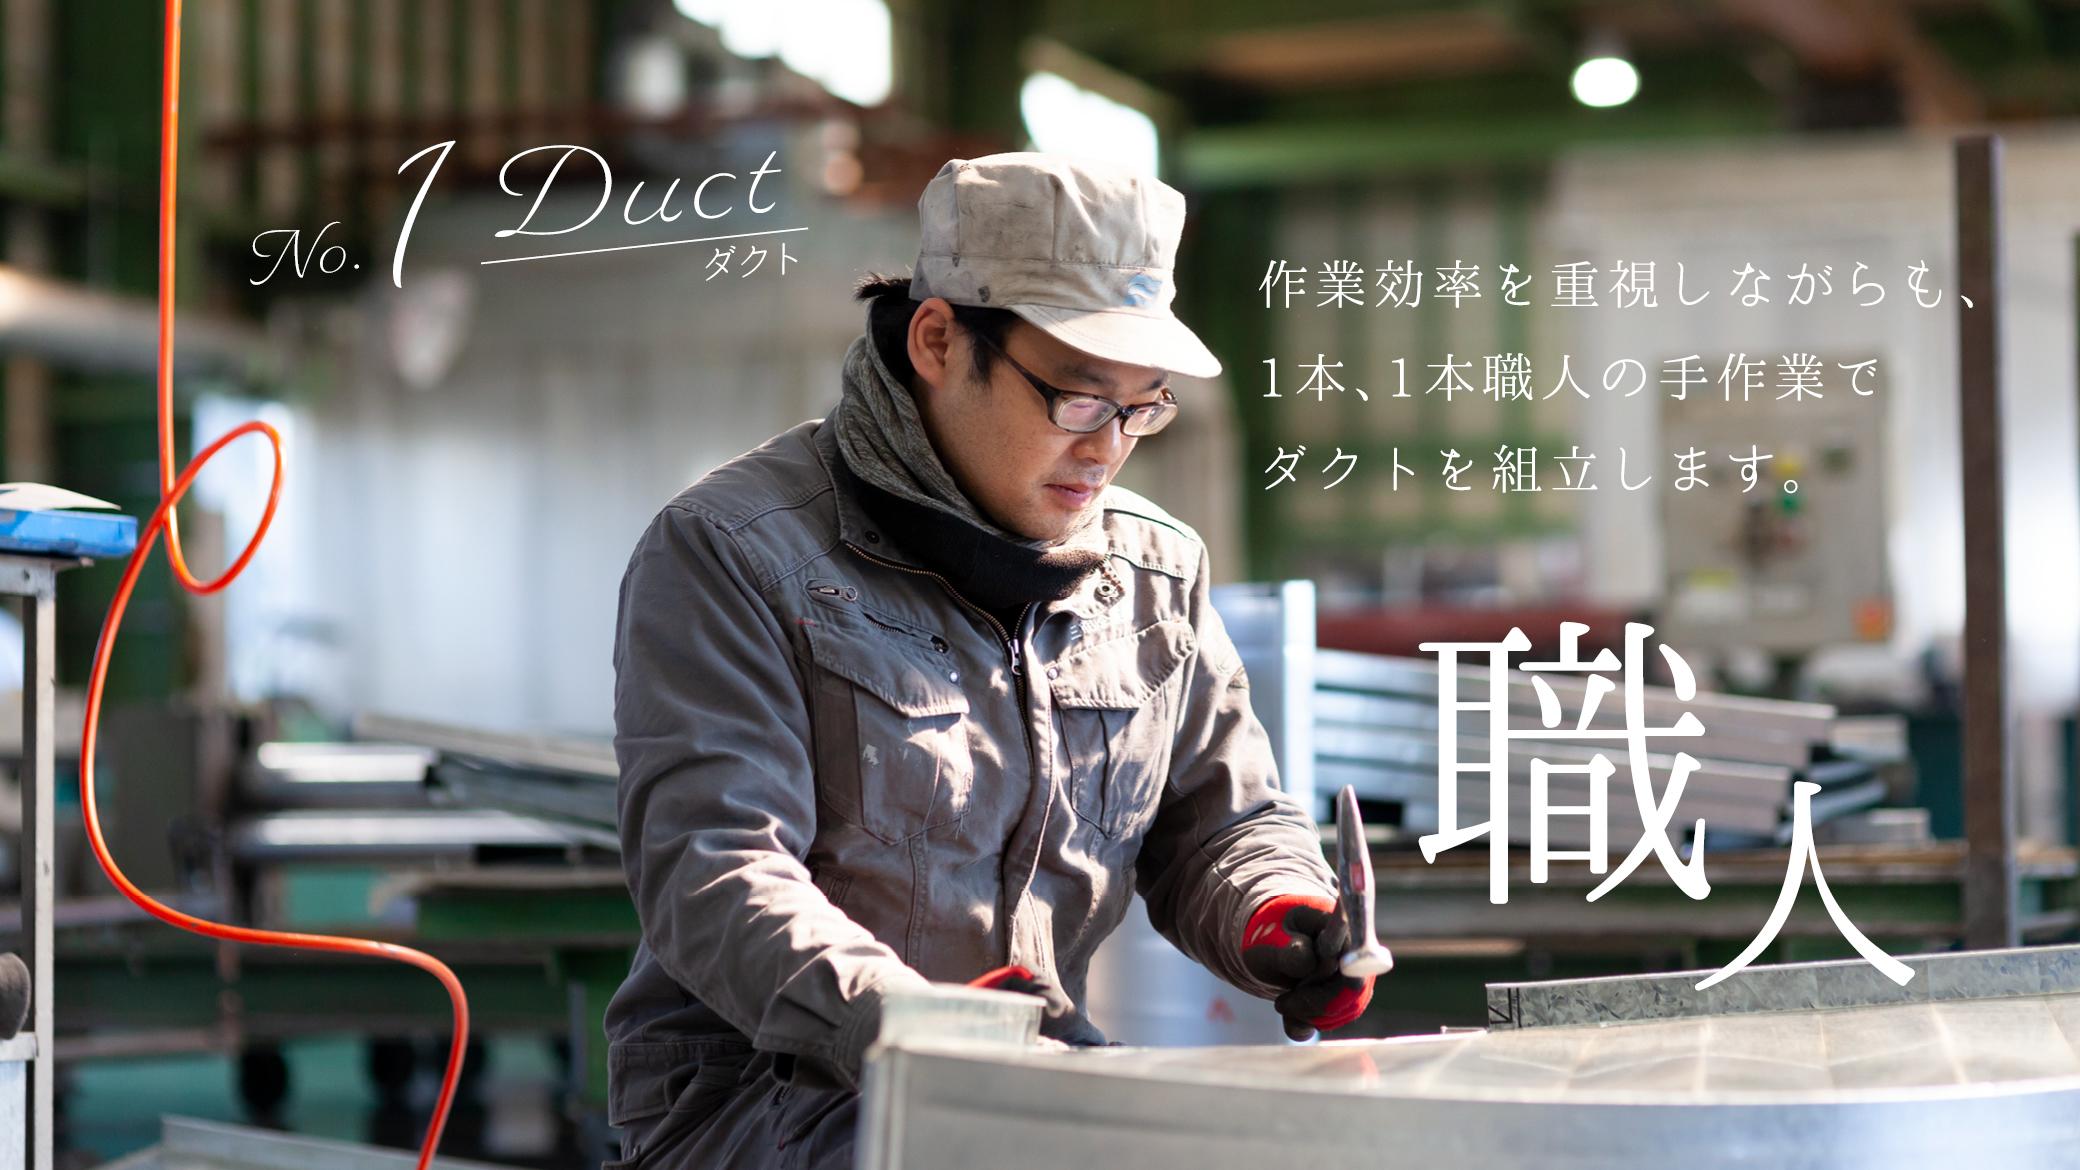 三朋企業のはダクト工事は、作業効率を重視しながら1本1本職人の手作業で組み立てします。